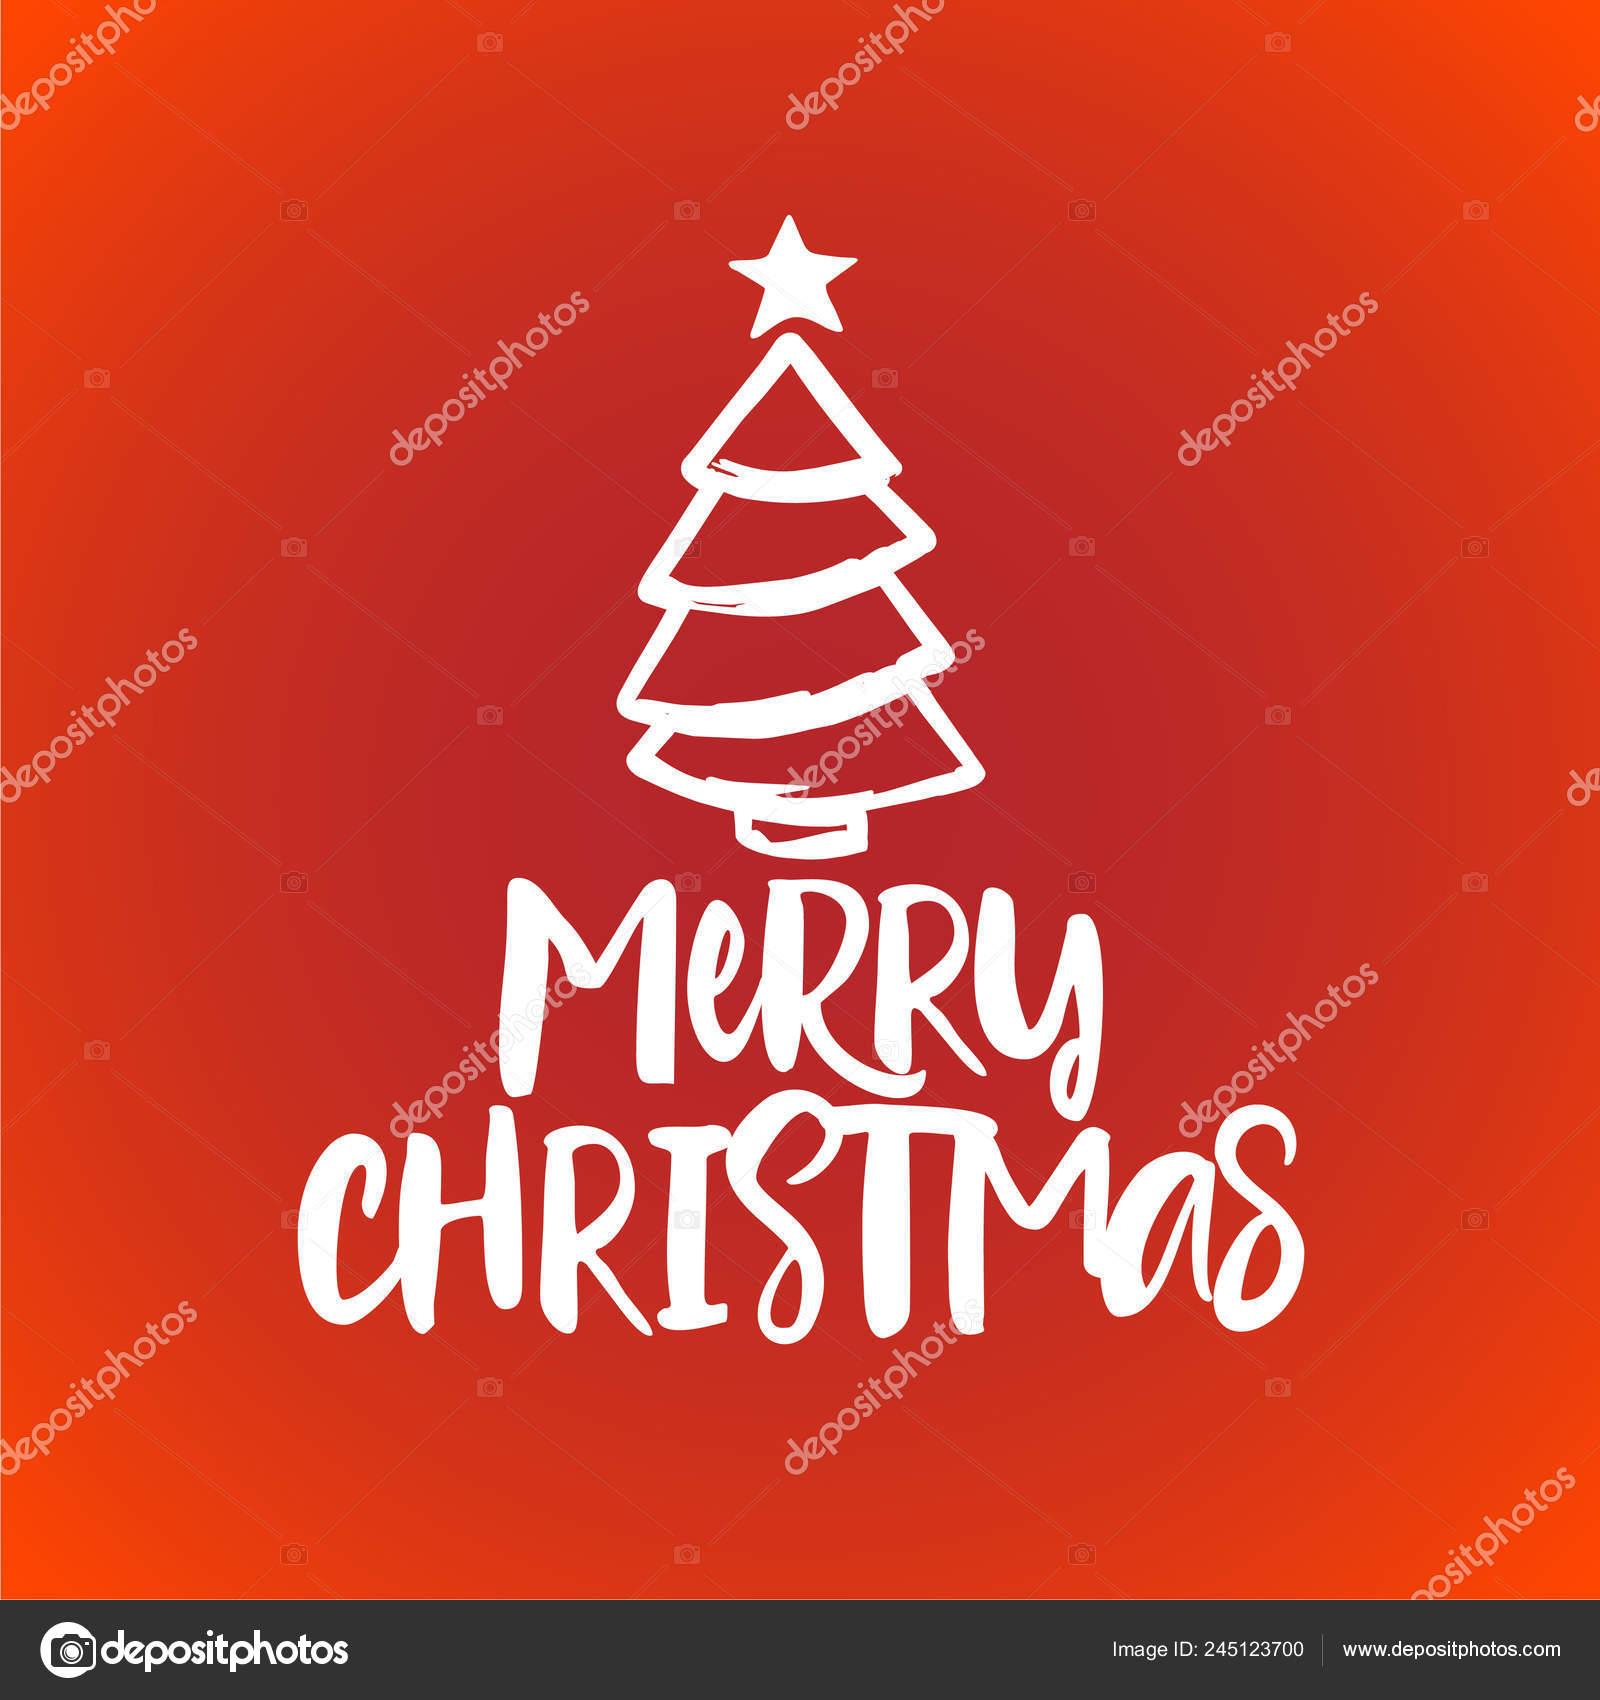 Frasi Di Natale X Biglietti.Buon Natale Frase Calligrafia Natale Disegnato Mano Dell Iscrizione